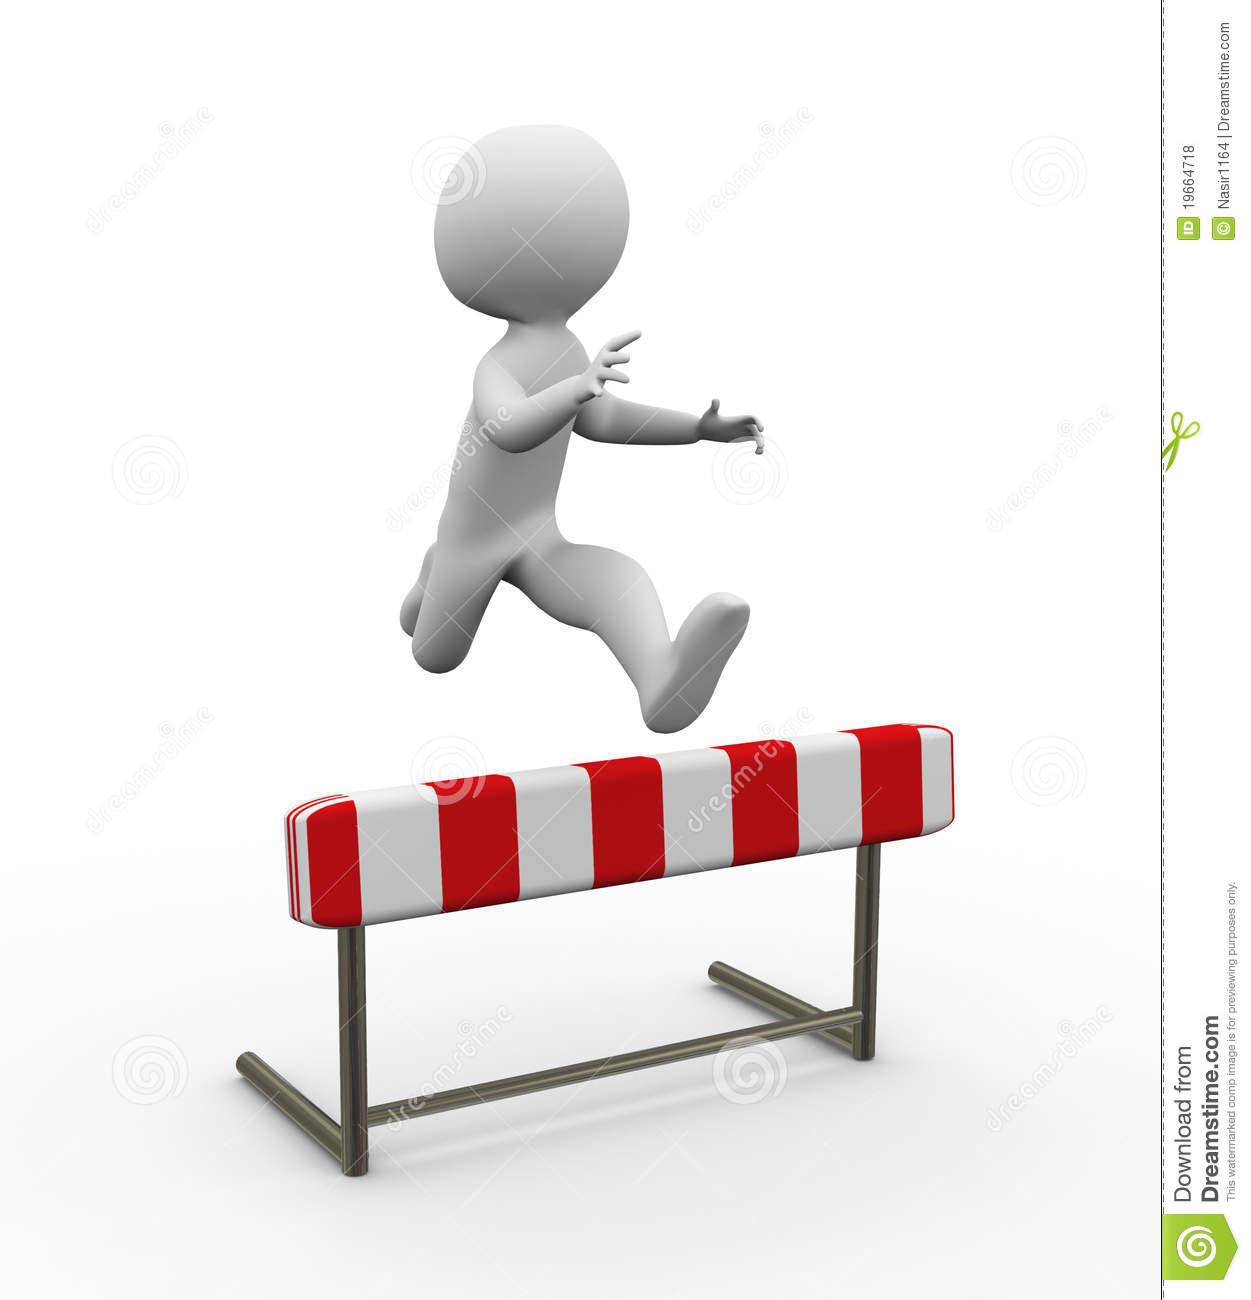 Man jumping hurdles clipart.